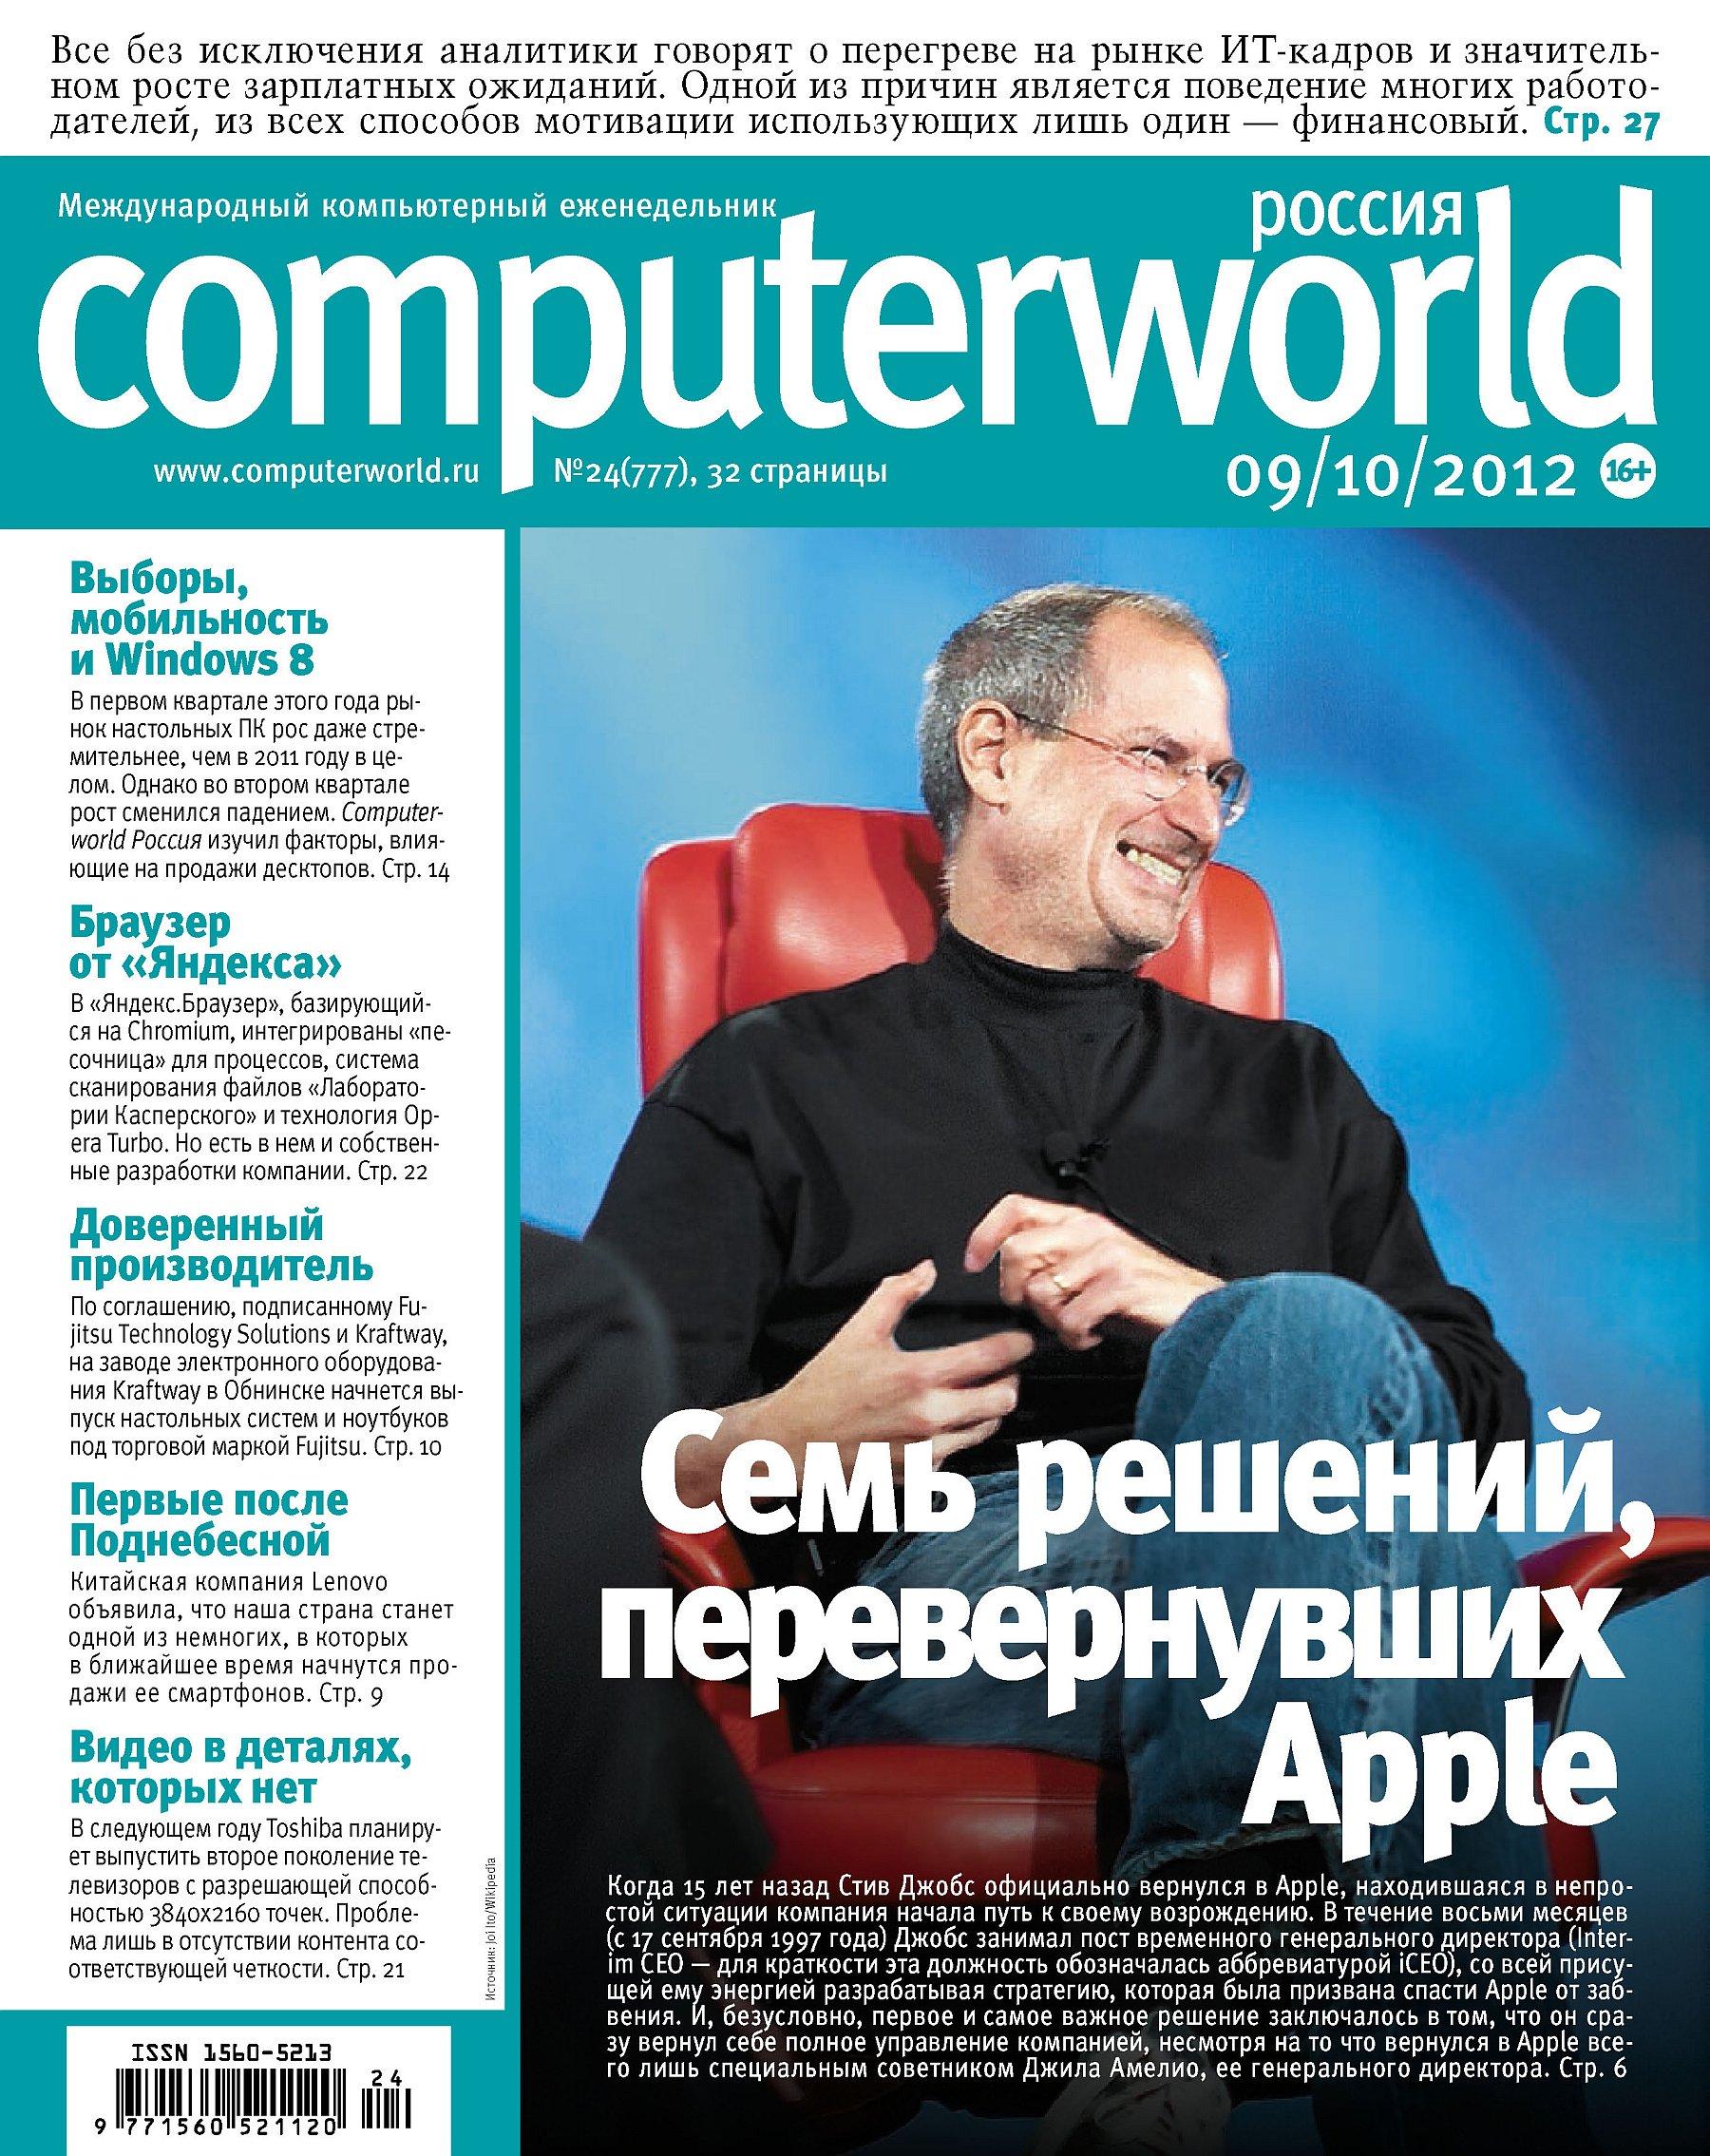 Открытые системы Журнал Computerworld Россия №24/2012 открытые системы журнал computerworld россия 24 2012